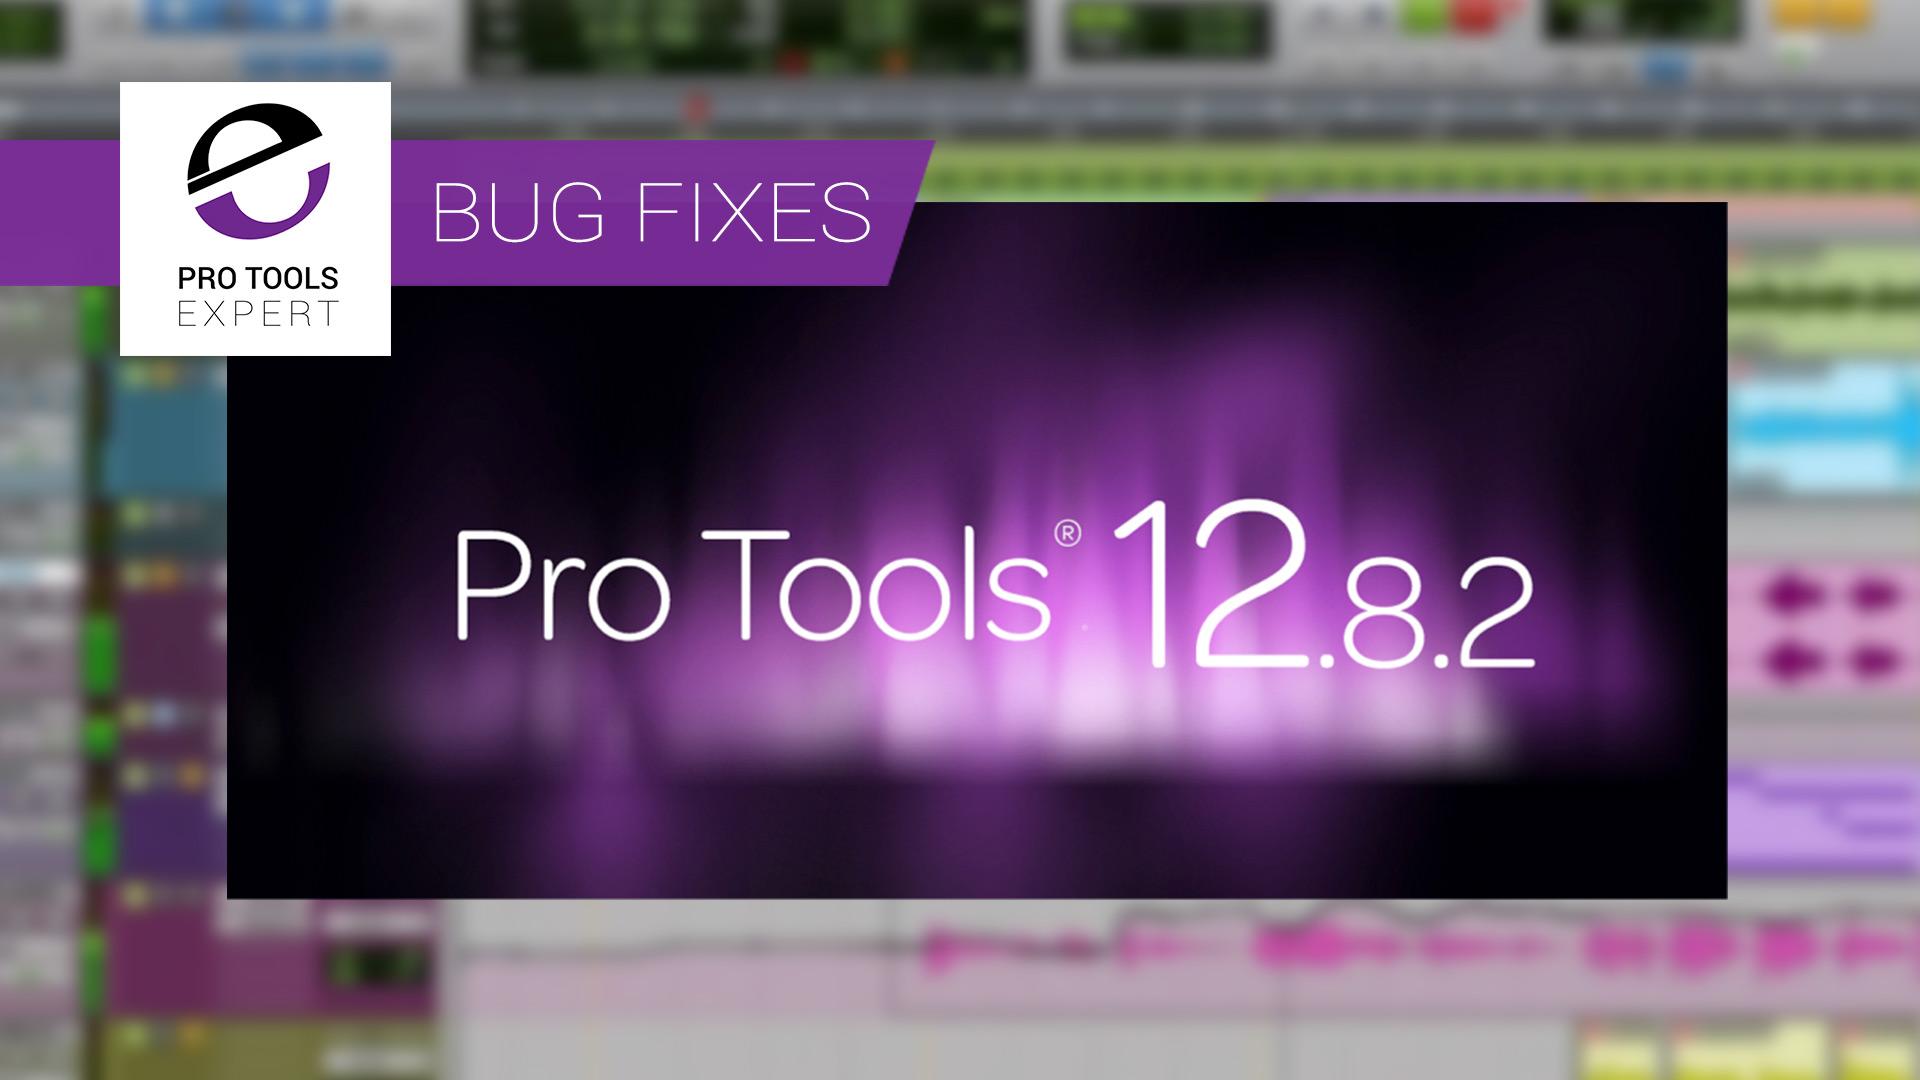 pro-tools-12.8.2-bug-fixes.jpg